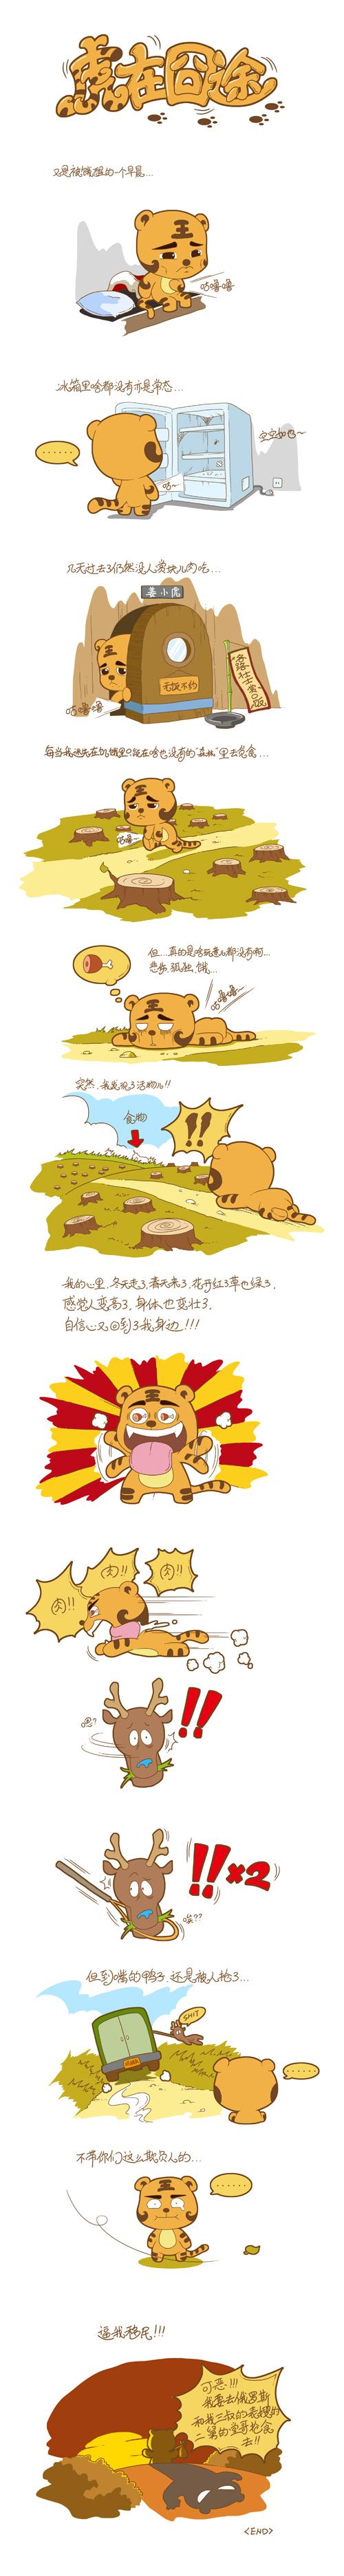 【公益活动】虎在冏途-1.jpg